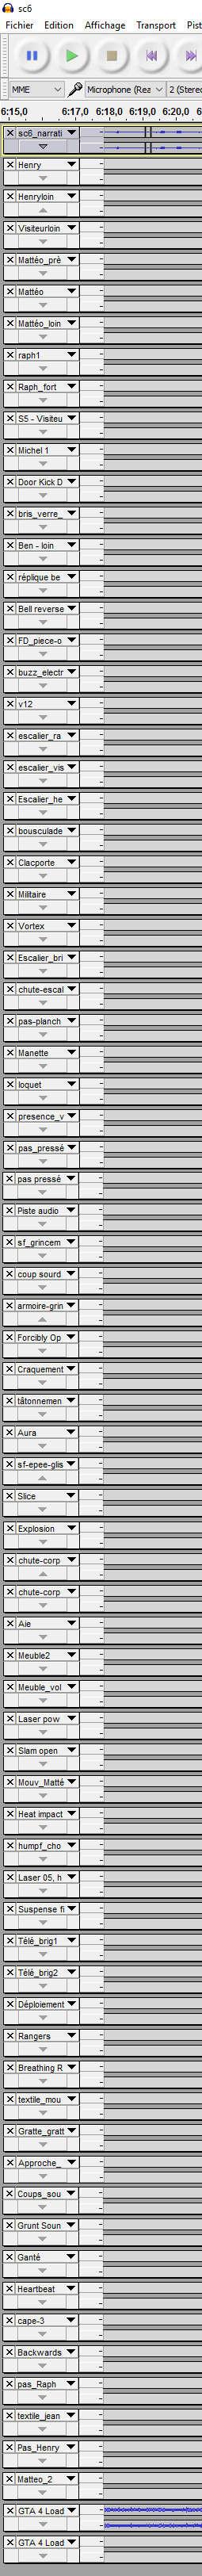 Chapitre audio La Meute par le FFF : Après l'heure, c'est plus l'heure - Page 2 Fou10